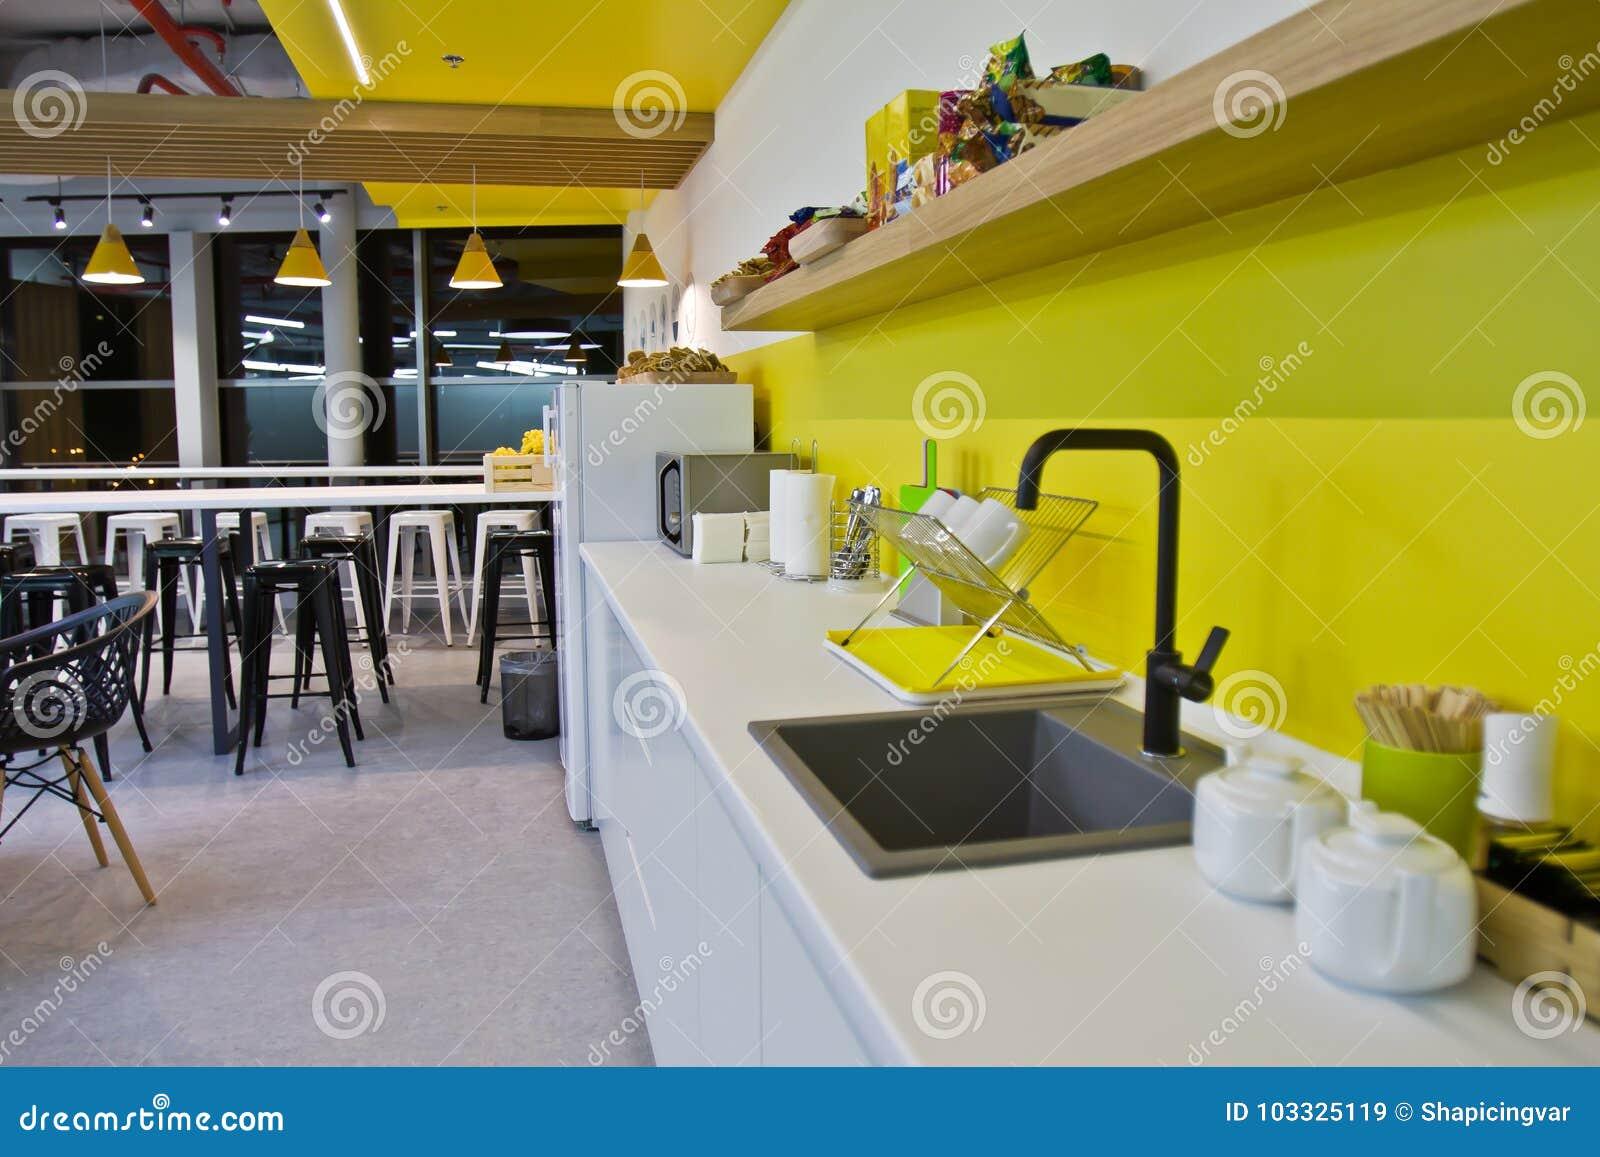 Lyxig matsal, litet kontor och modernt vitt kök tolkning 3D av ett kontorsutrymme